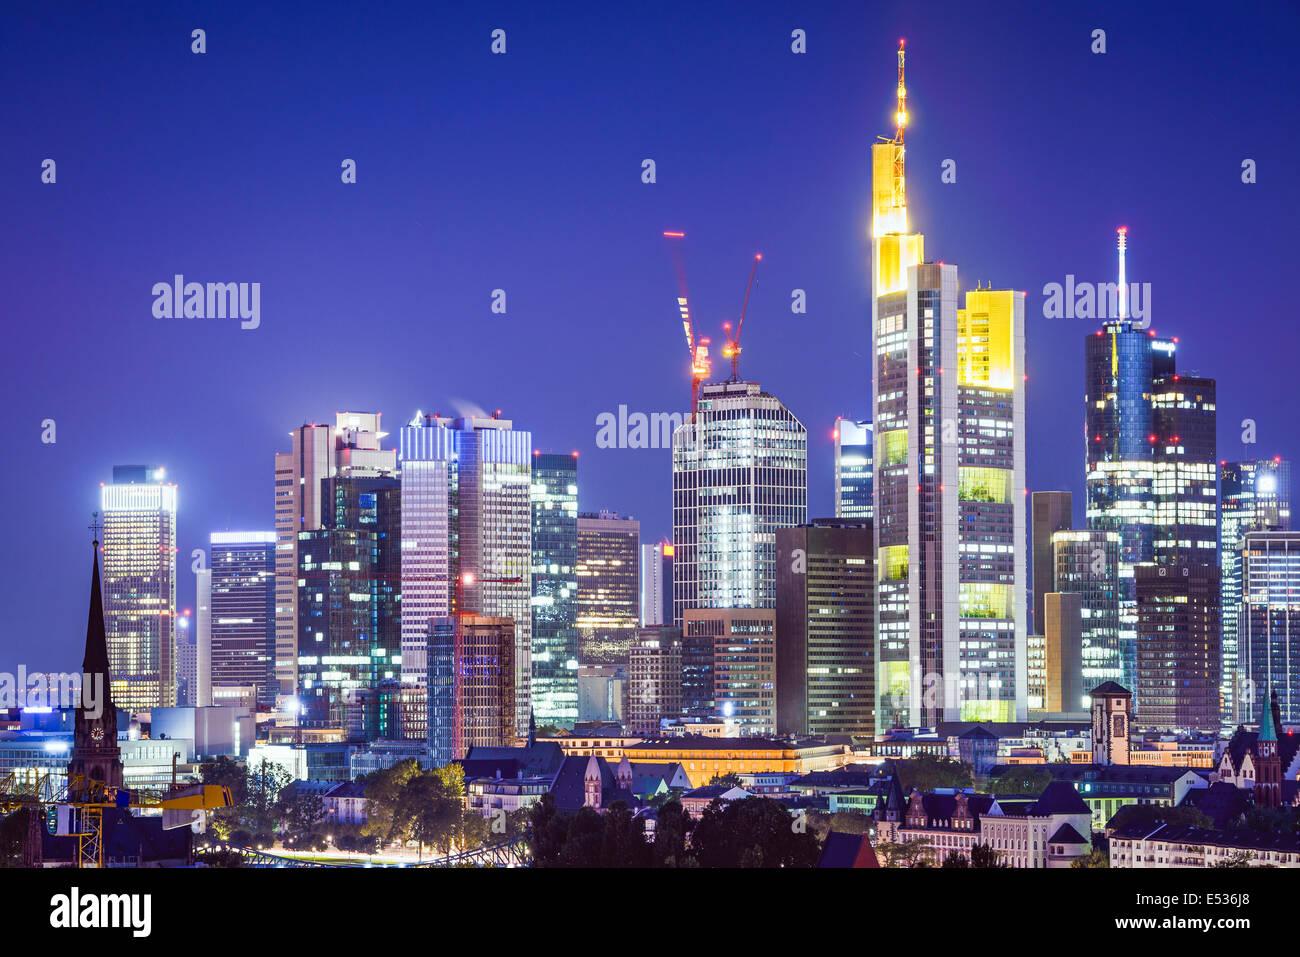 Frankfurt, Germany Cityscape at night. Stock Photo